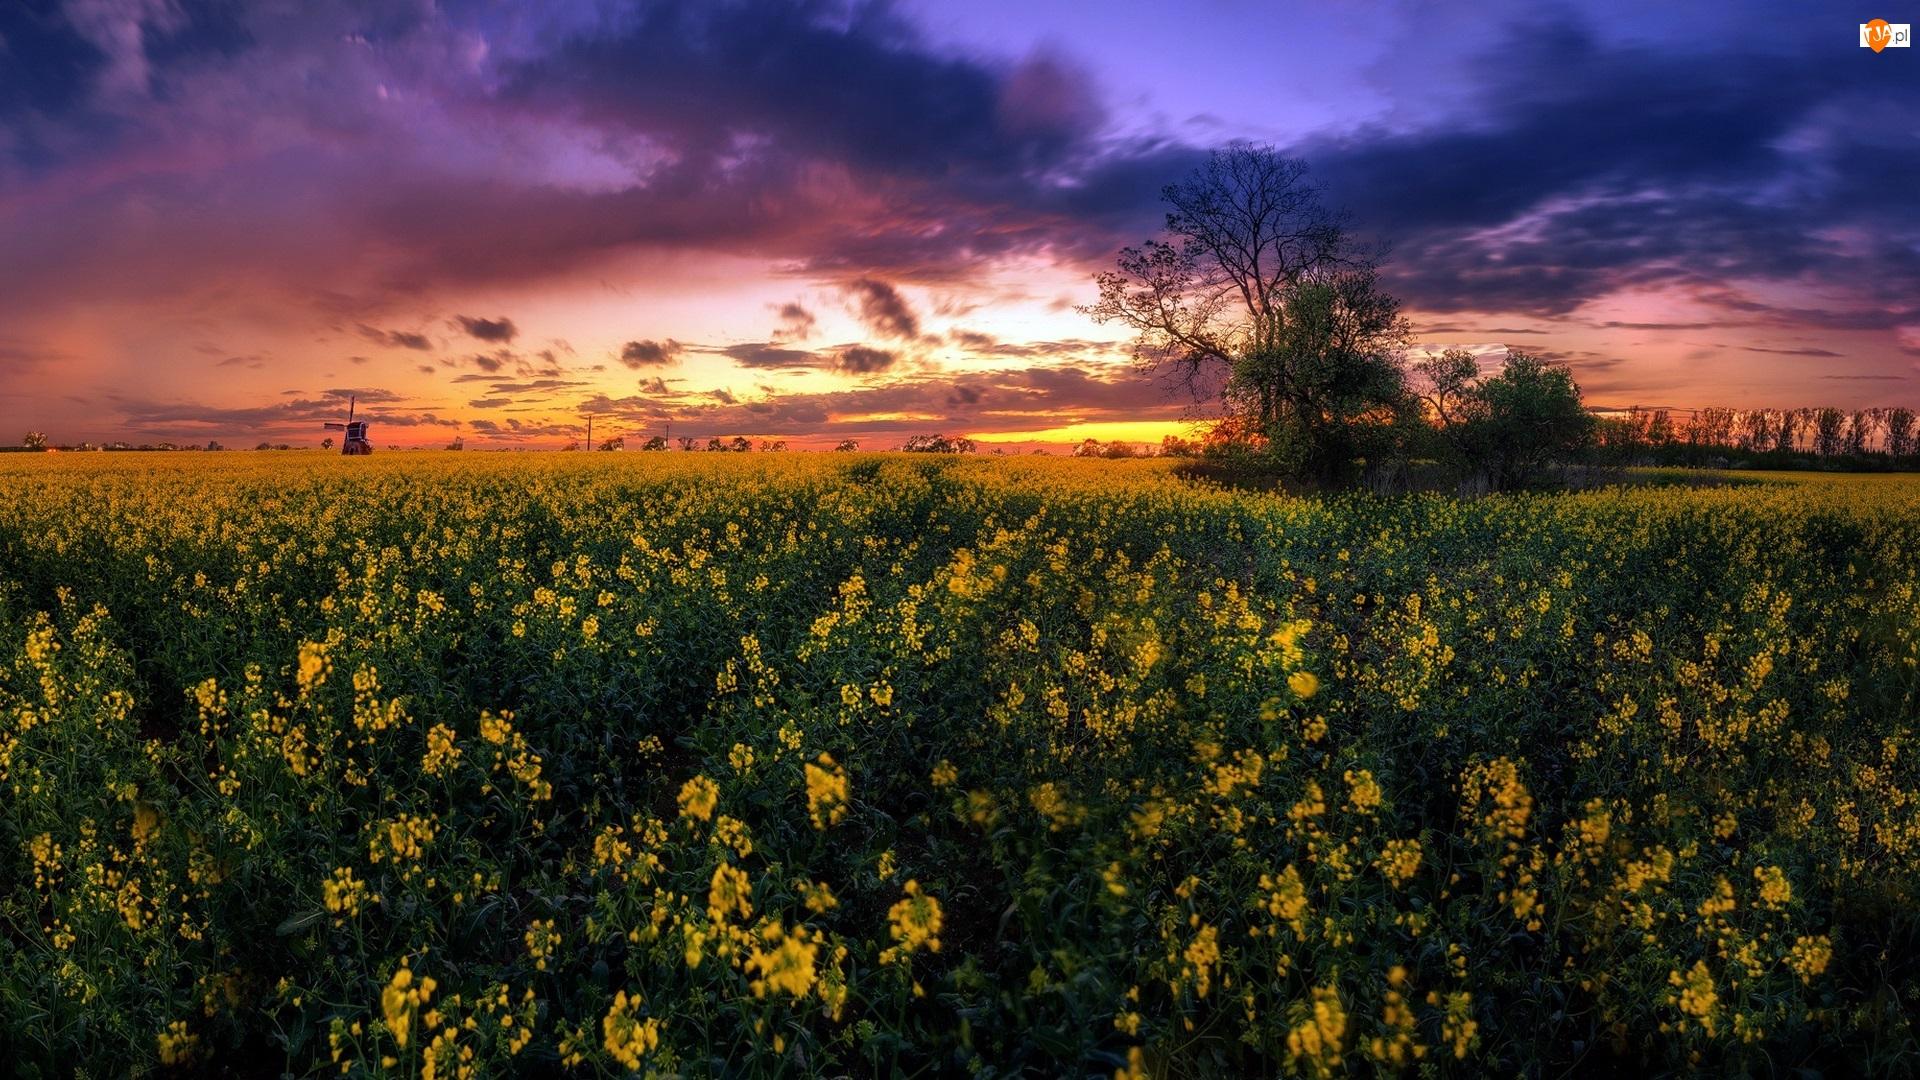 Kwiaty, Wiatrak, Pole, Zachód słońca, Drzewa